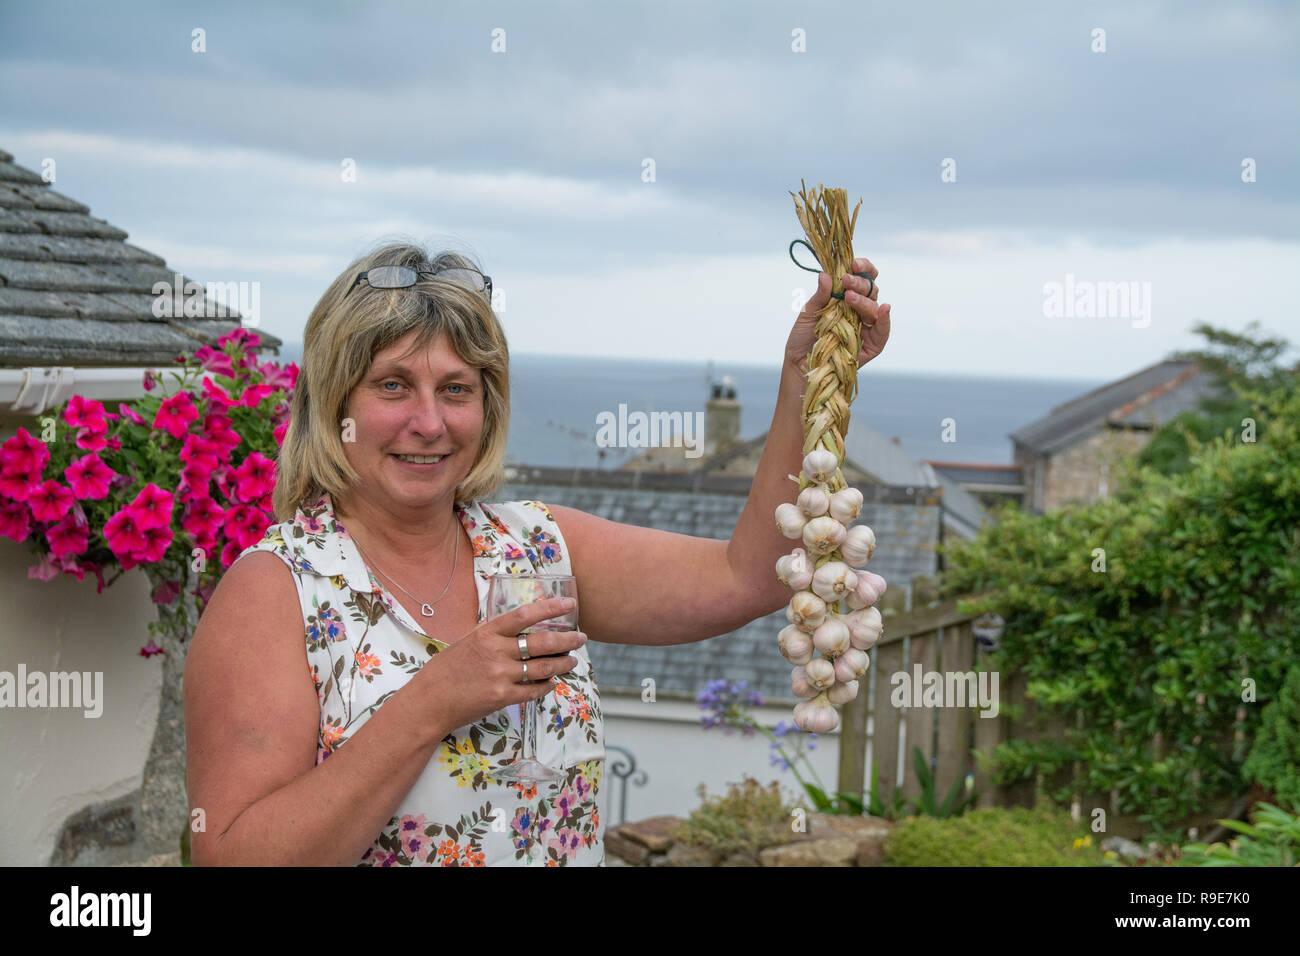 Donna che mantiene una stringa della treccia di aglio che lei ha appena fatto tenendo un bicchiere di vino Immagini Stock